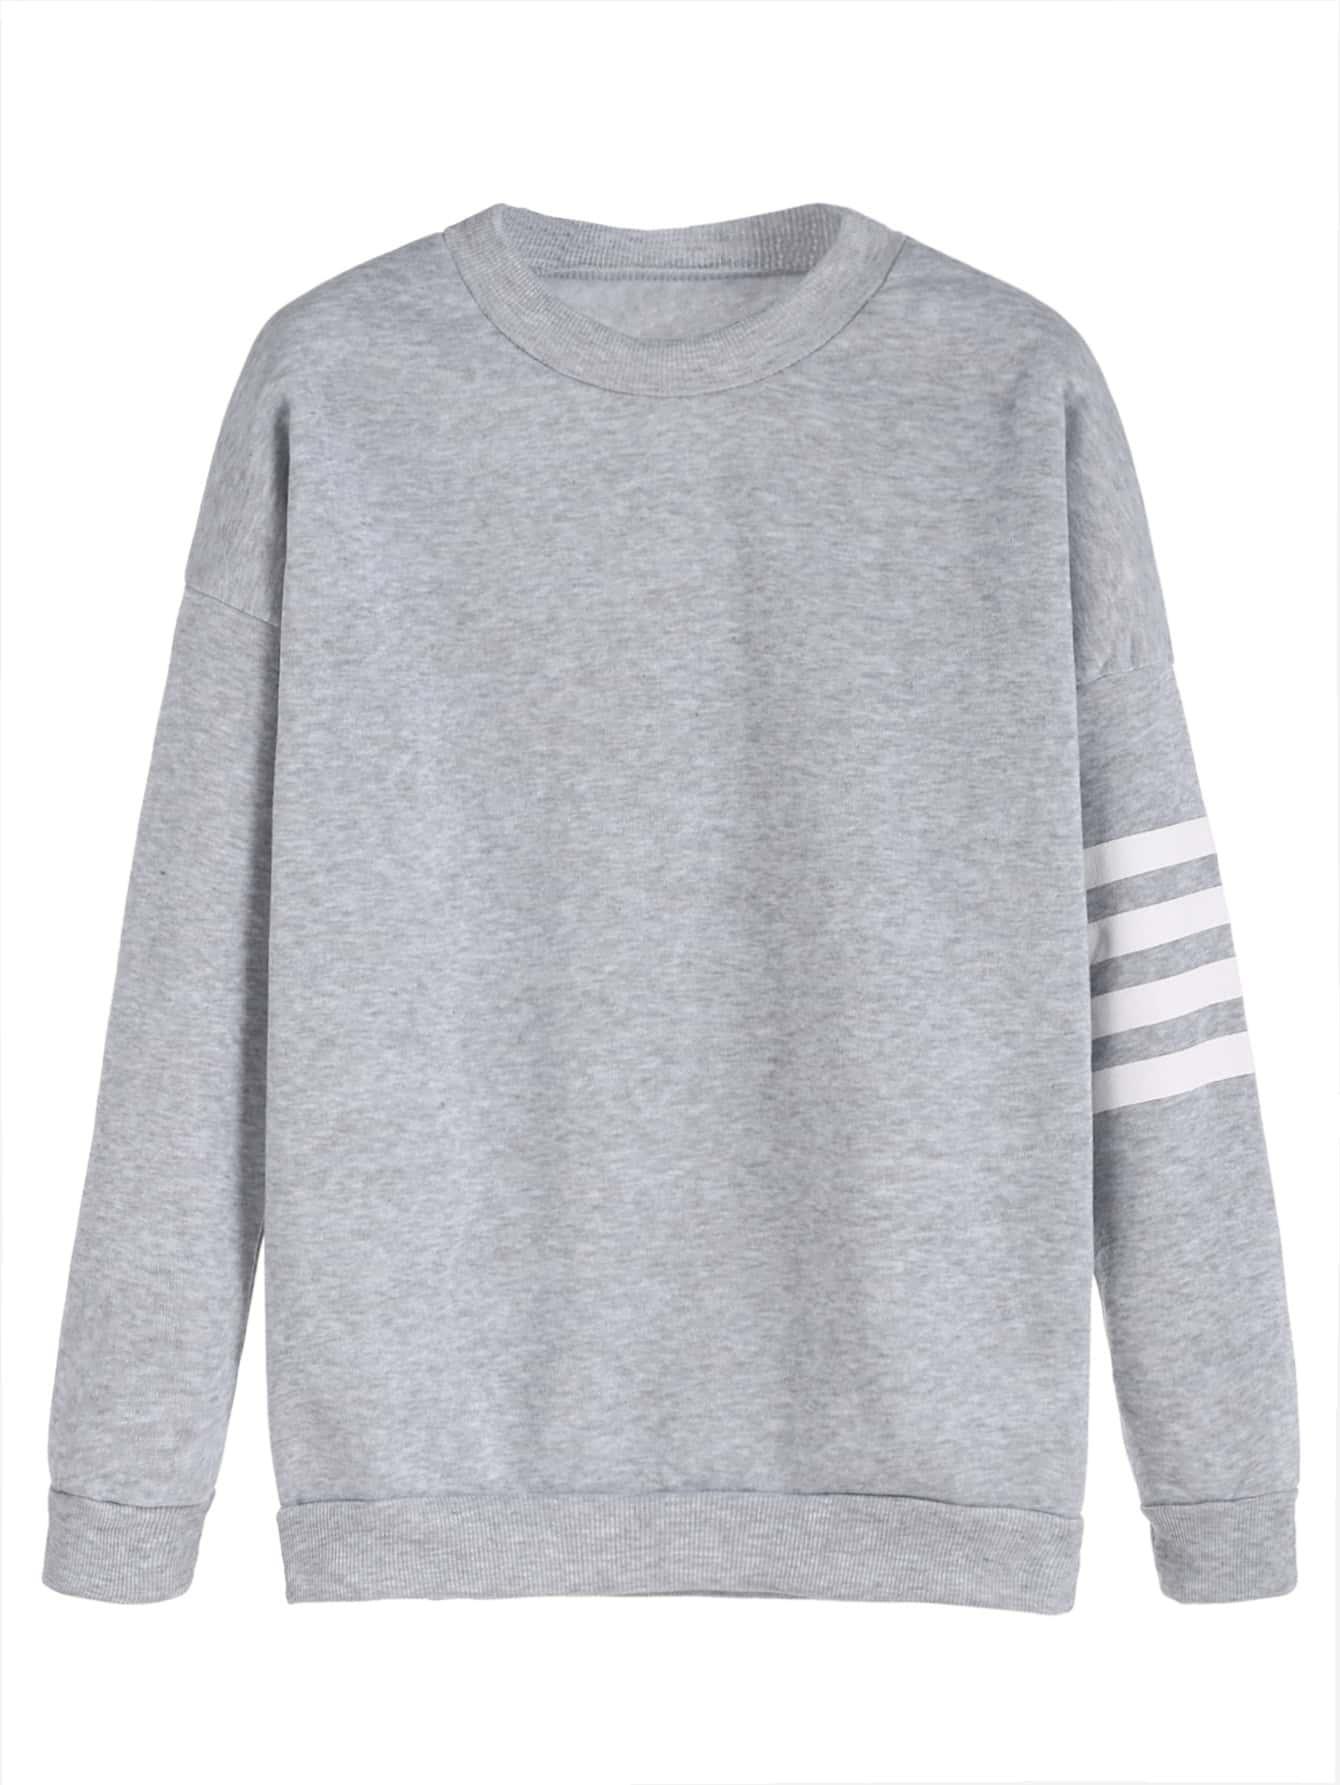 Фото Pinstripe Sleeve Dropped Shoulder Seam Sweatshirt. Купить с доставкой